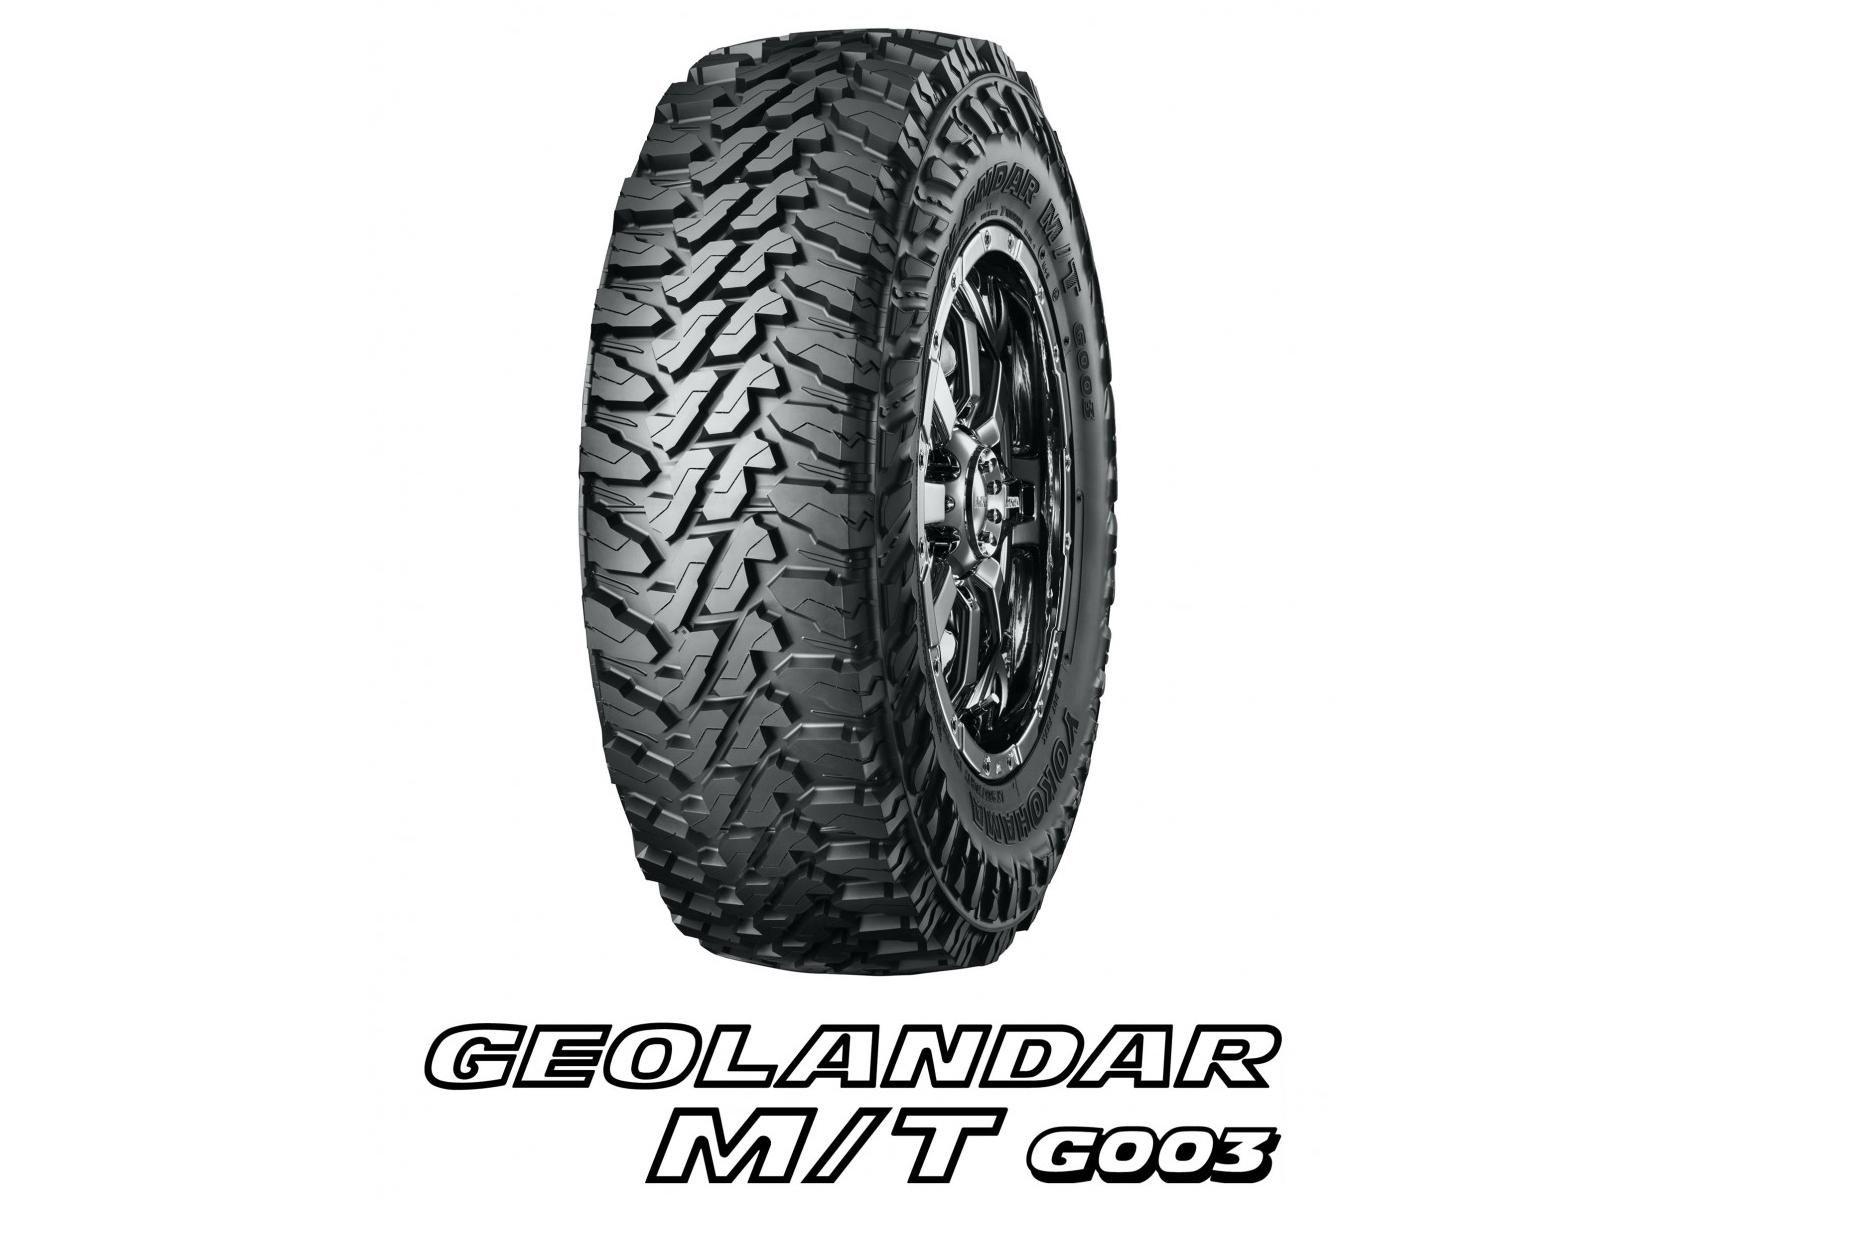 Продажи новых грязевых шин Geolandar M/T G003 стартуют в августе